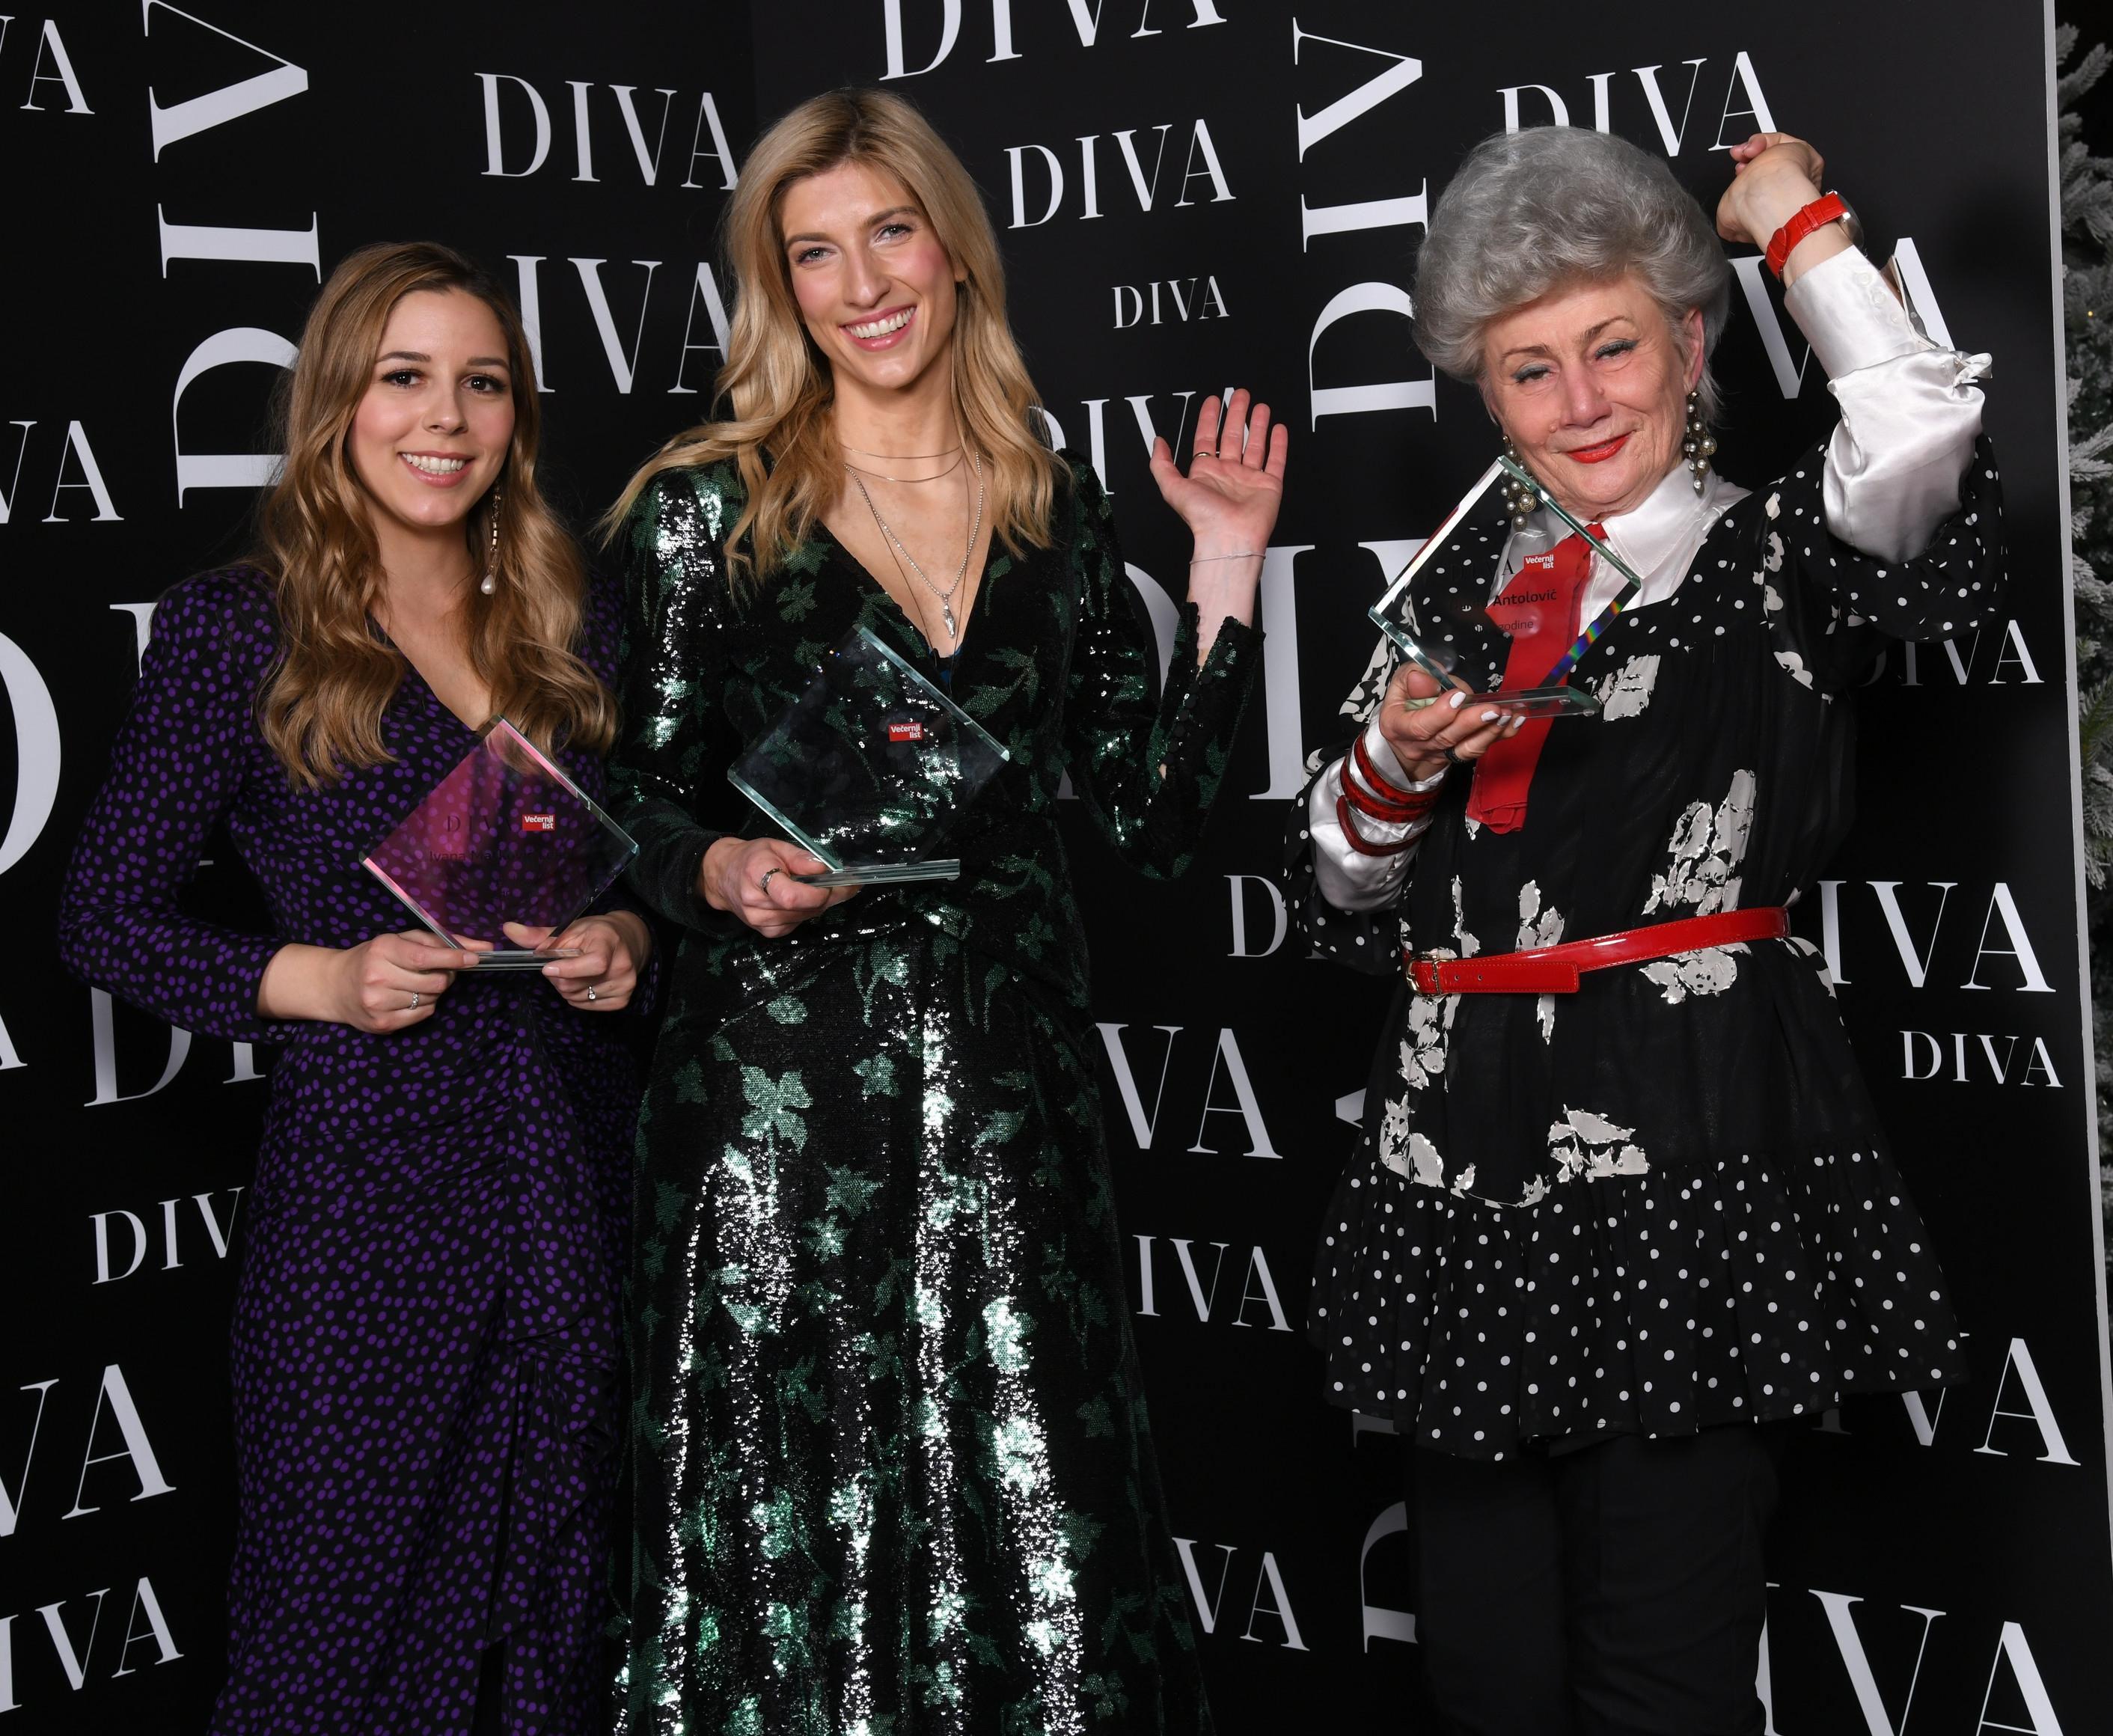 Tri predivne i inspirativne žene sinoć su proglašene Divama godine!